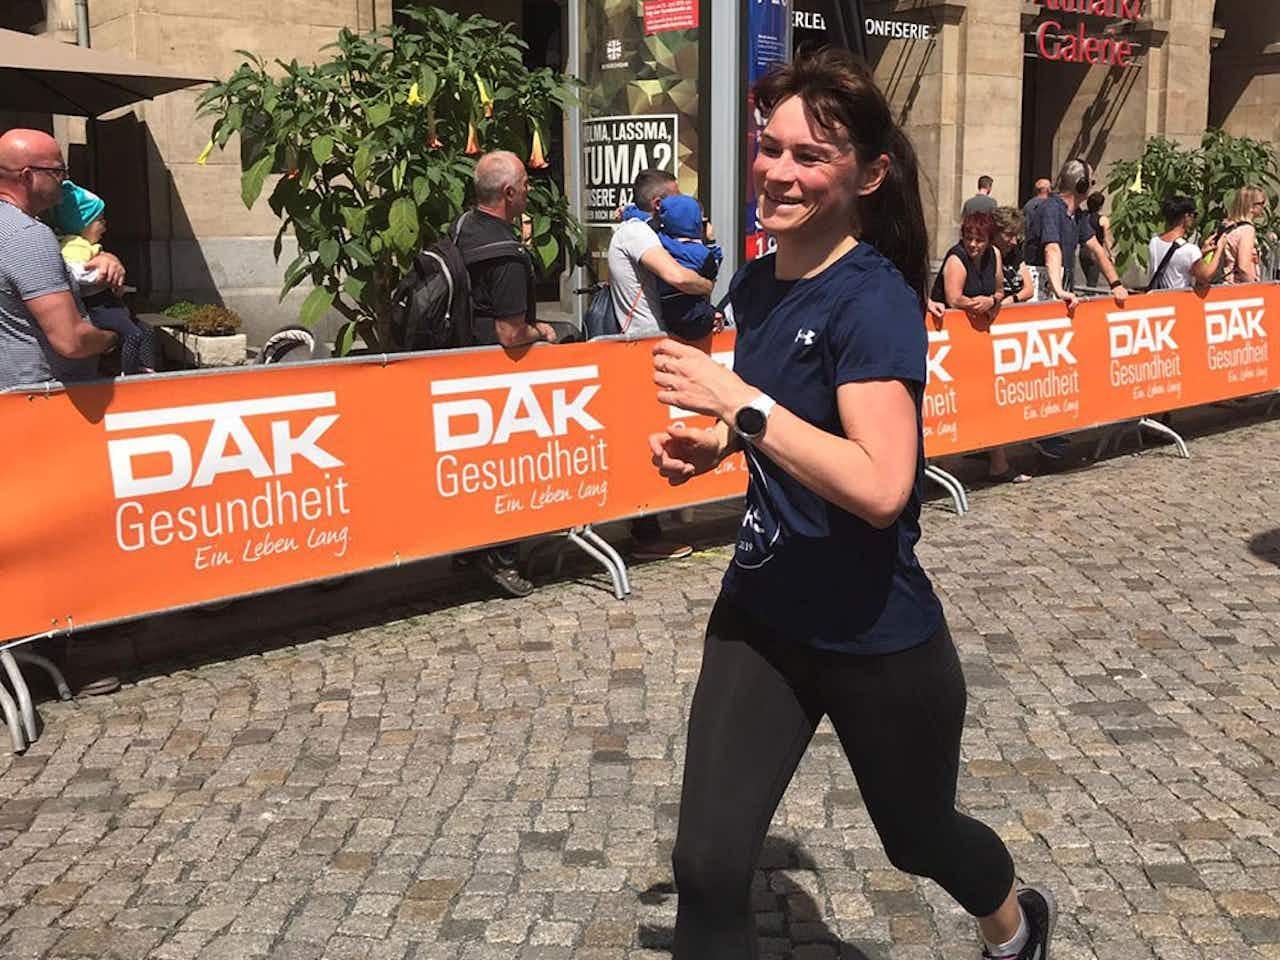 Läuferin beim Stadtlauf in Dresden